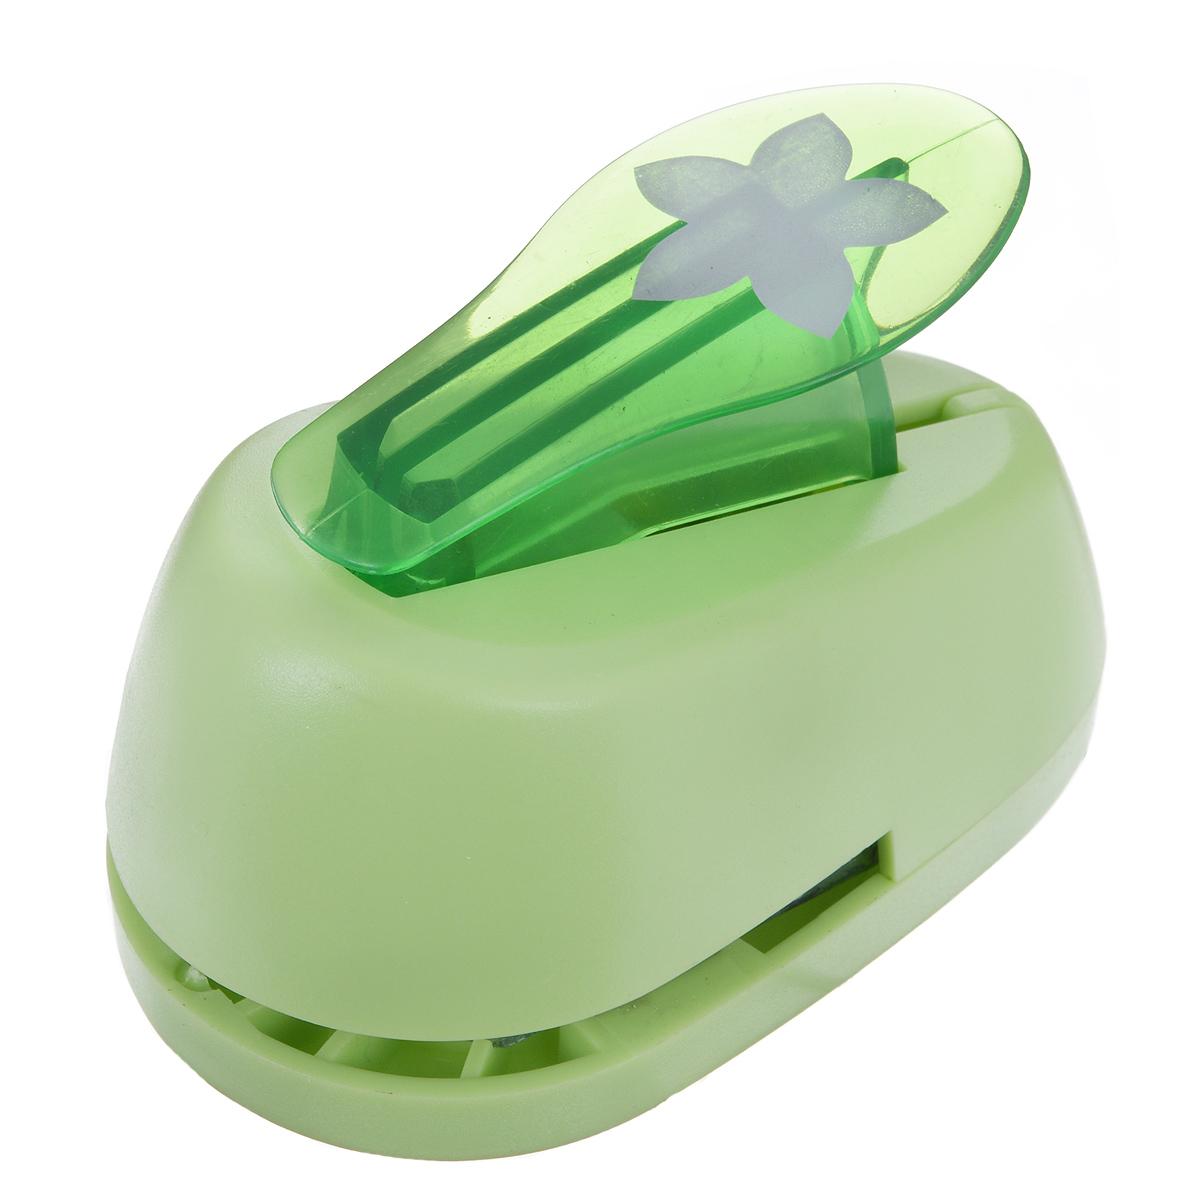 Дырокол фигурный Hobbyboom Цветок, №97, цвет: зеленый, 2,5 смCD-99M-097Фигурный дырокол Hobbyboom Цветок, изготовленный из прочного металла и пластика, поможет вам легко, просто и аккуратно вырезать много одинаковых мелких фигурок.Режущие части дырокола закрыты пластиковым корпусом, что обеспечивает безопасность для детей. Предназначен для бумаги плотностью - 80 - 200 г/м2. Рисунок прорези указан на ручке дырокола.Размер дырокола: 8 см х 5 см х 4,5 см. Диаметр готовой фигурки: 2,5 см.